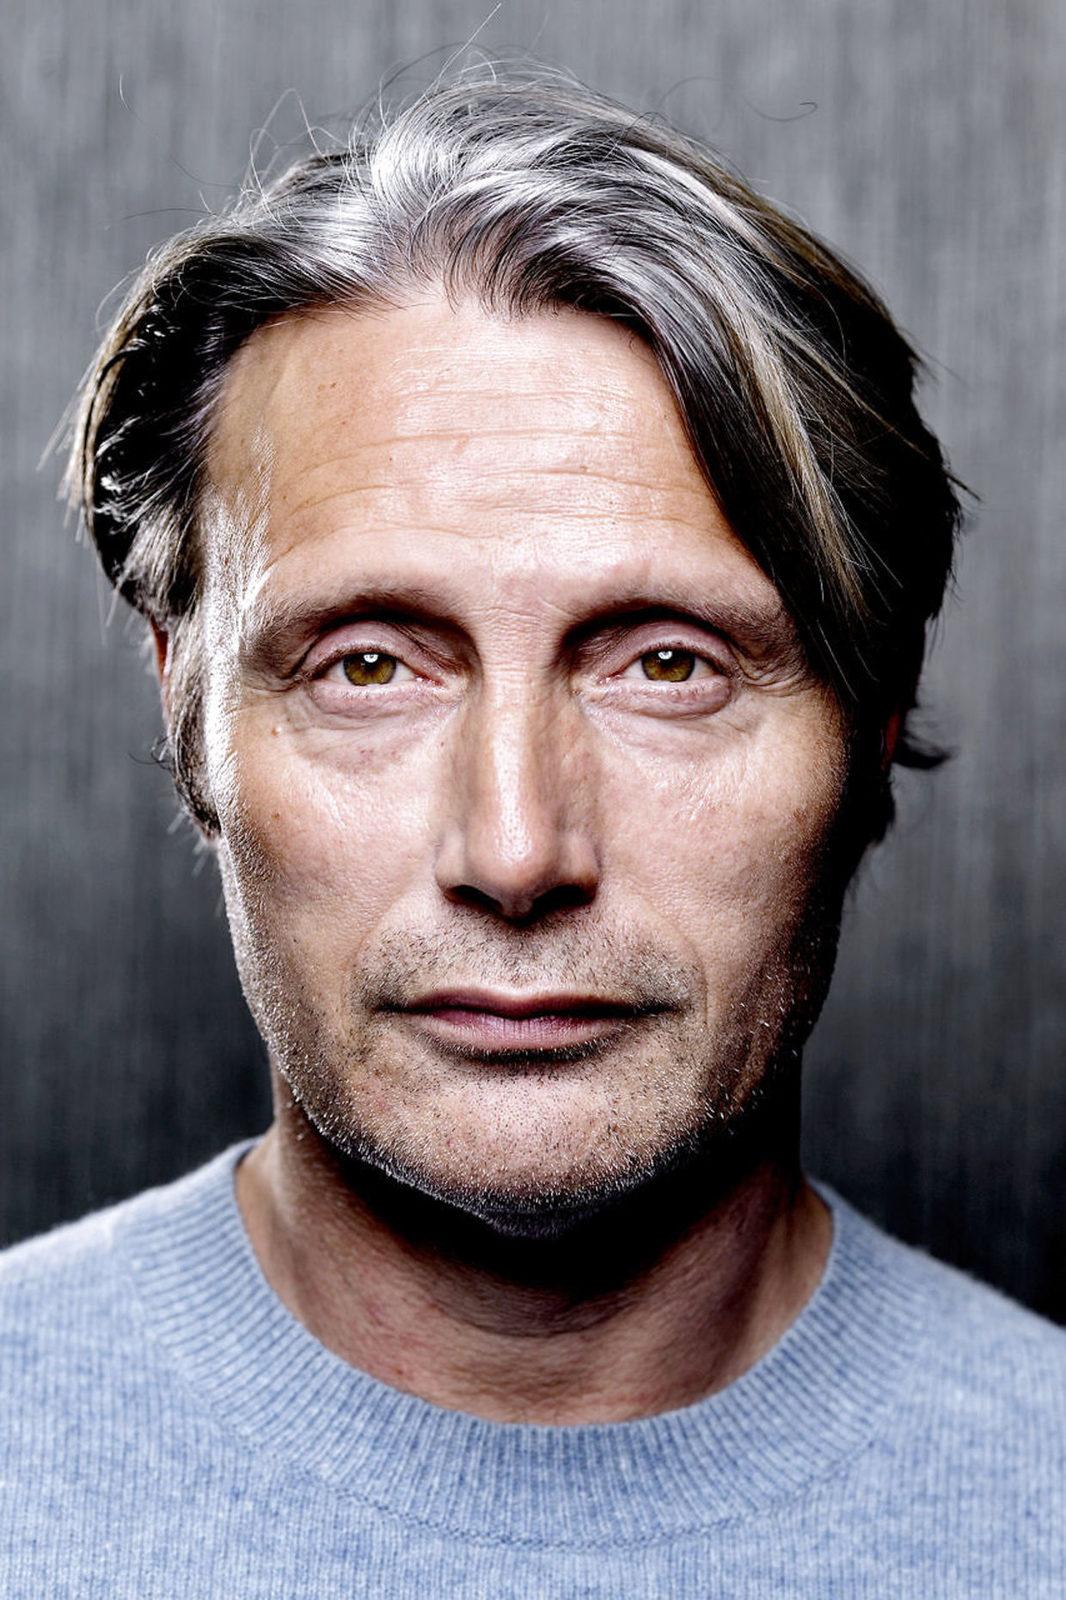 Правильные черты лица у мужчин фото выхлопная система